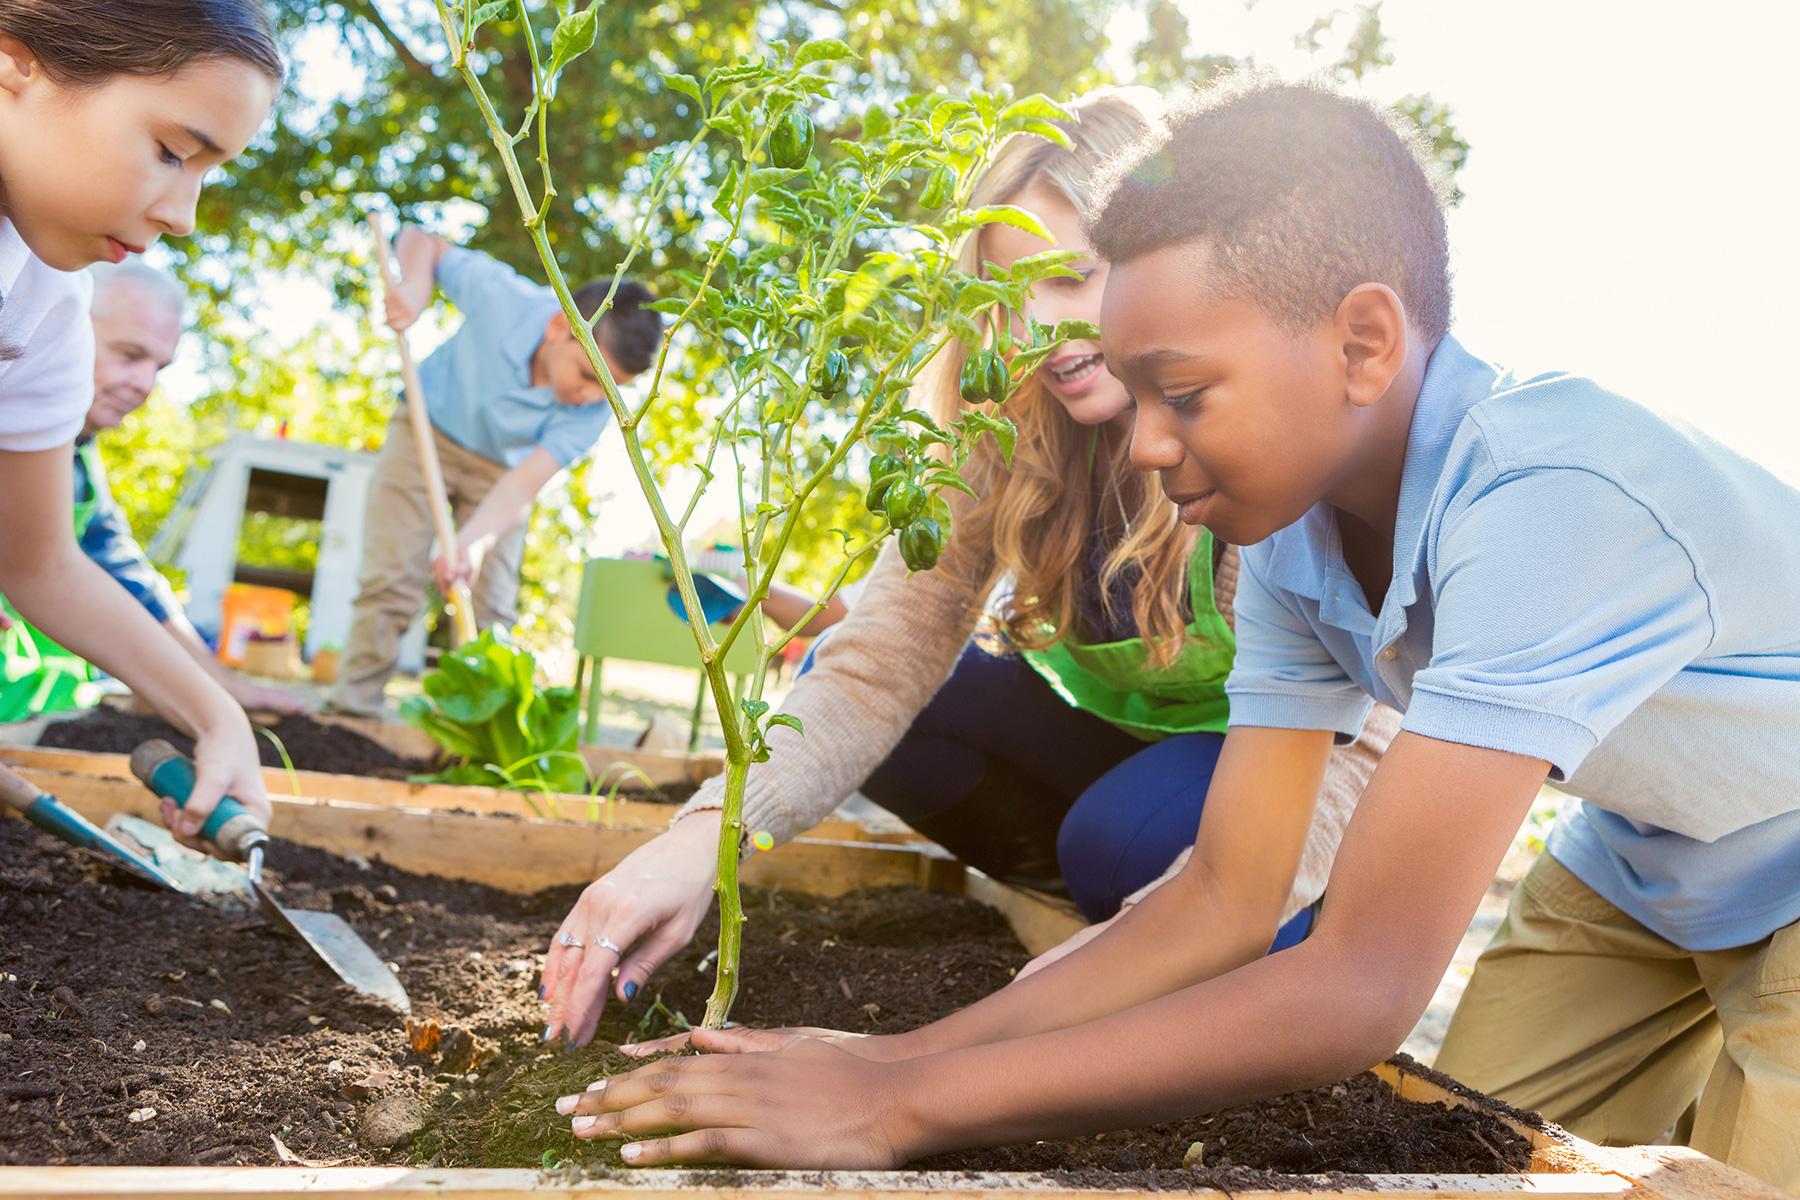 6 Volunteering Activities To Help Kids Build A Better World